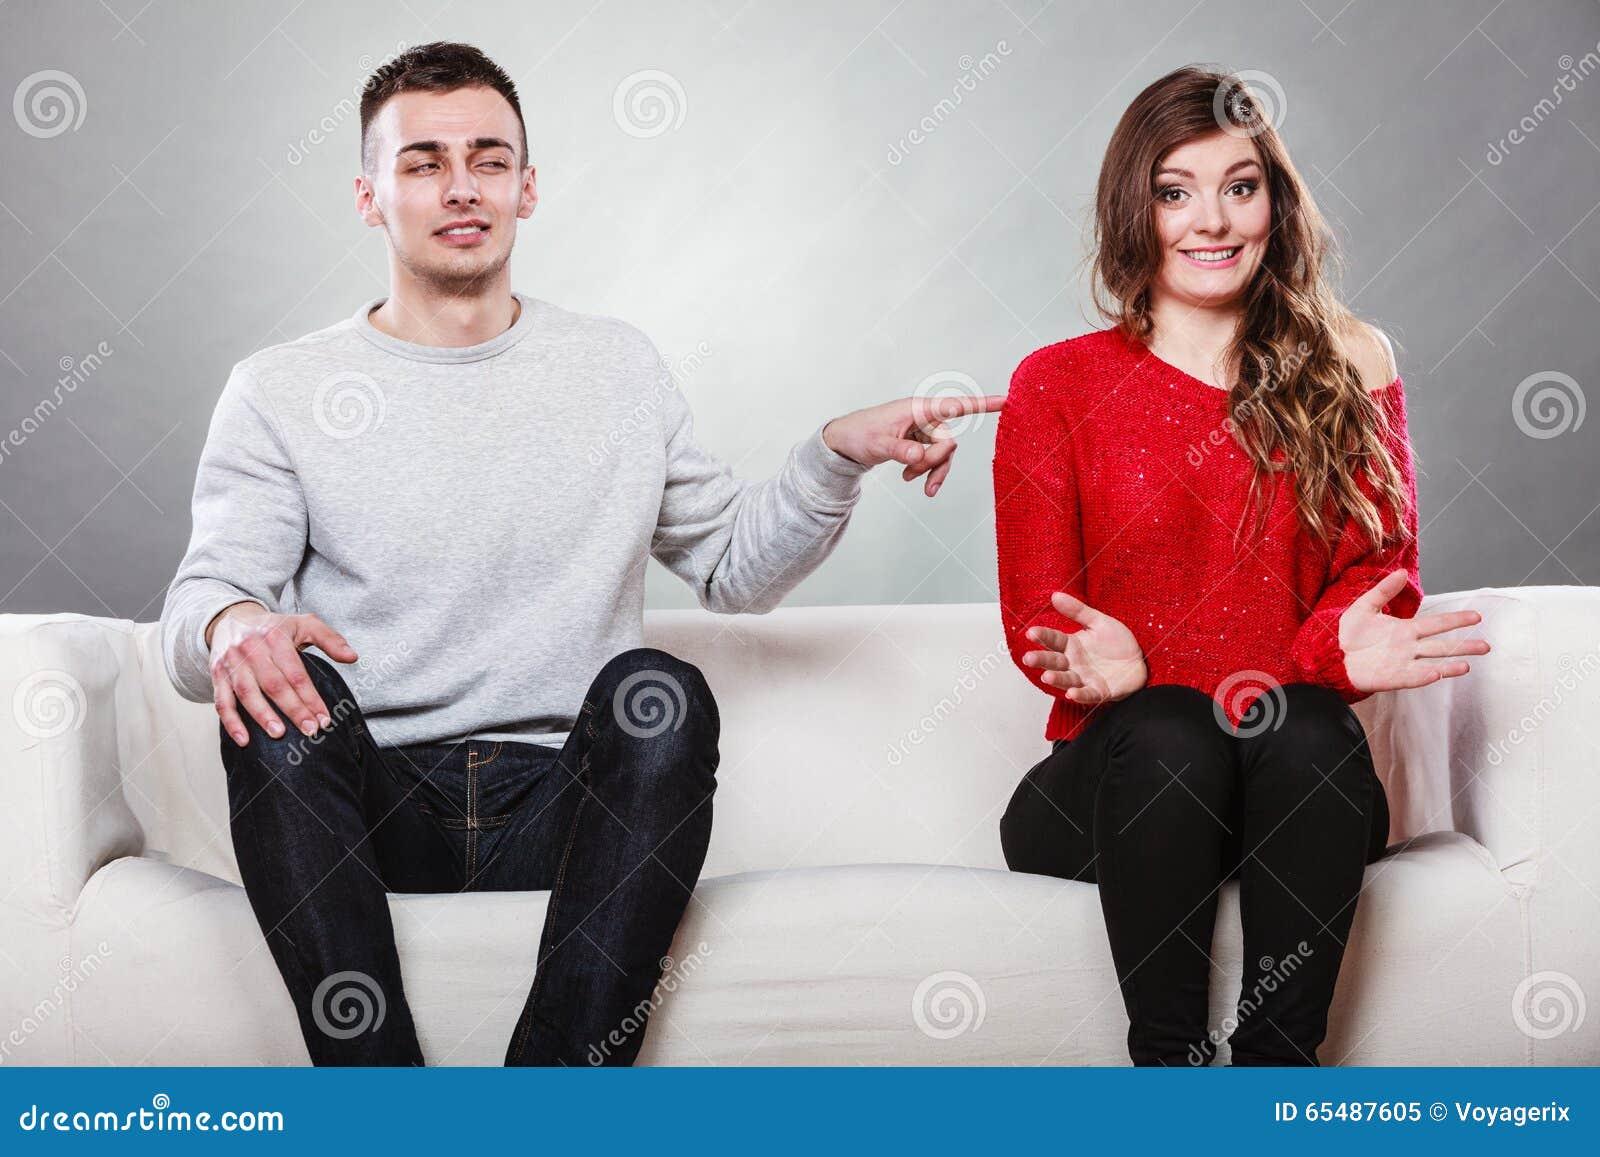 Dating a shy awkward girl